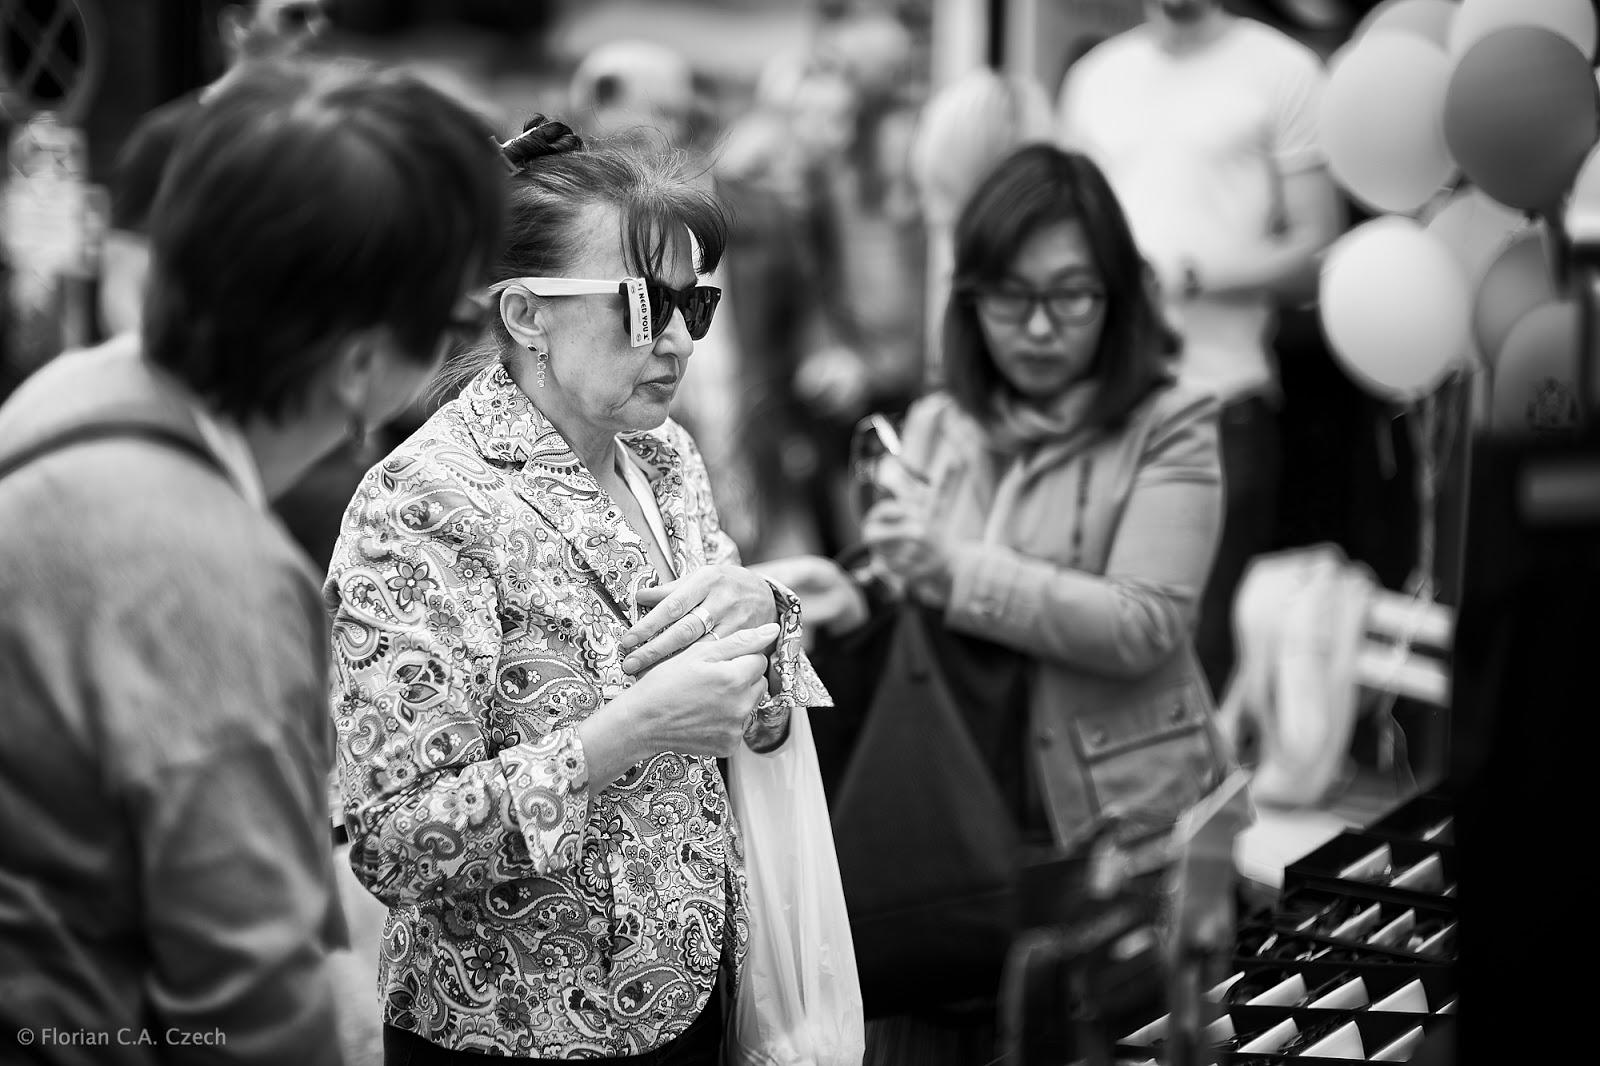 Eine Frau probiert eine Sonnenbrille an